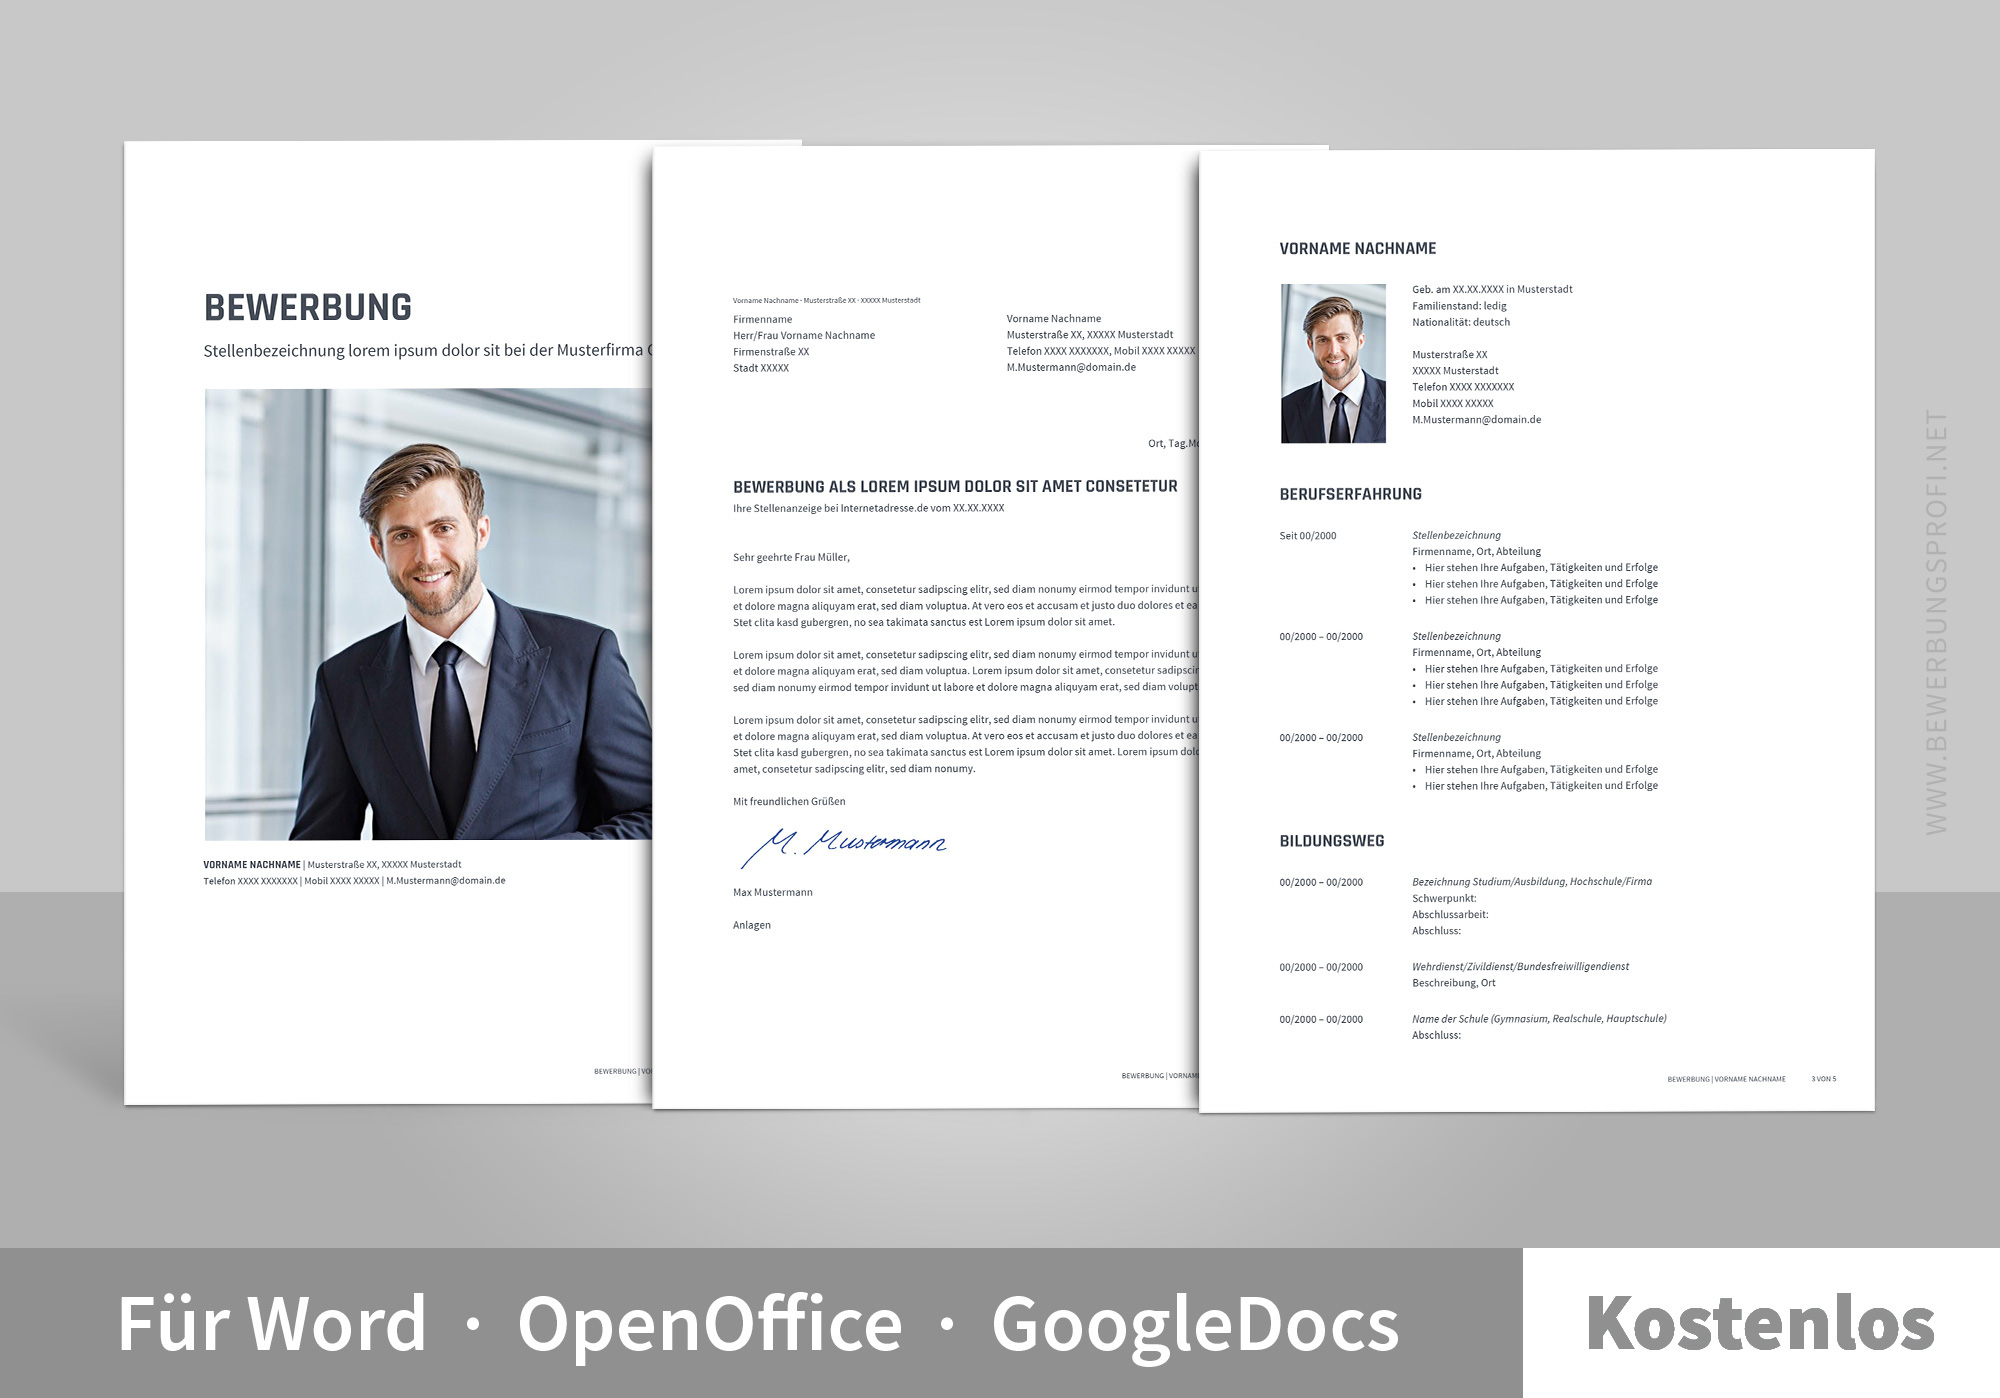 bewerbung muster vorlage libero - Open Office Lebenslauf Vorlage